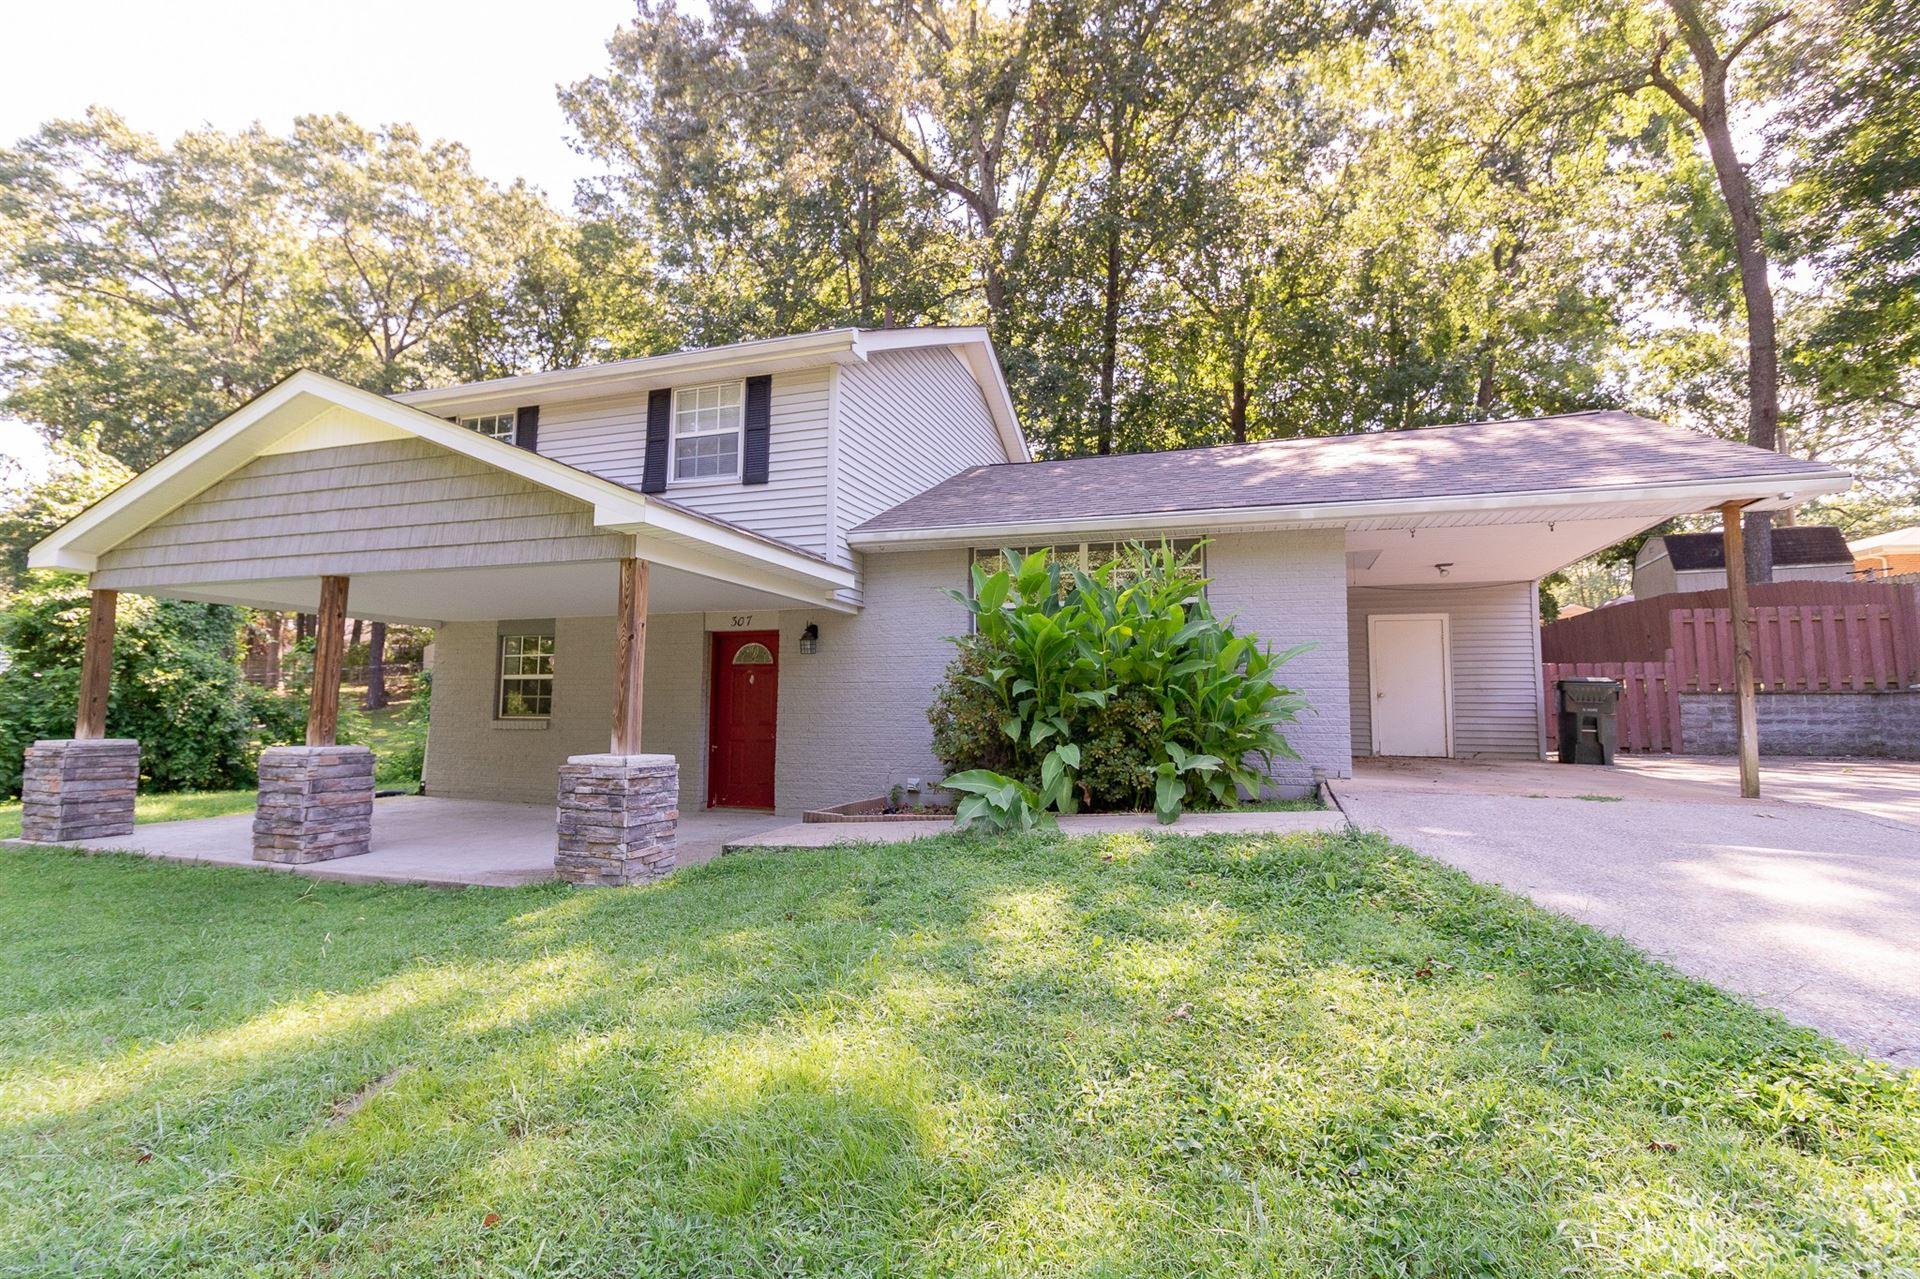 307 Shady Hollow Rd, Dickson, TN 37055 - MLS#: 2178305